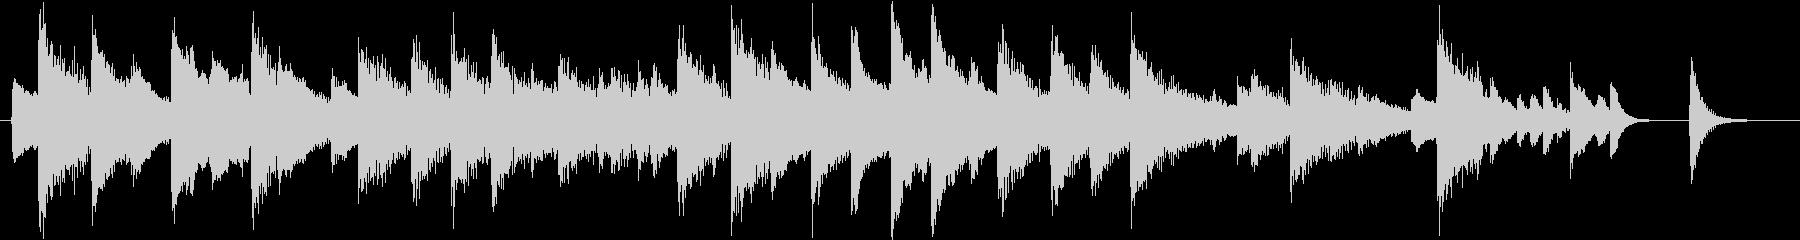 童謡・夕焼小焼モチーフのピアノジングルBの未再生の波形